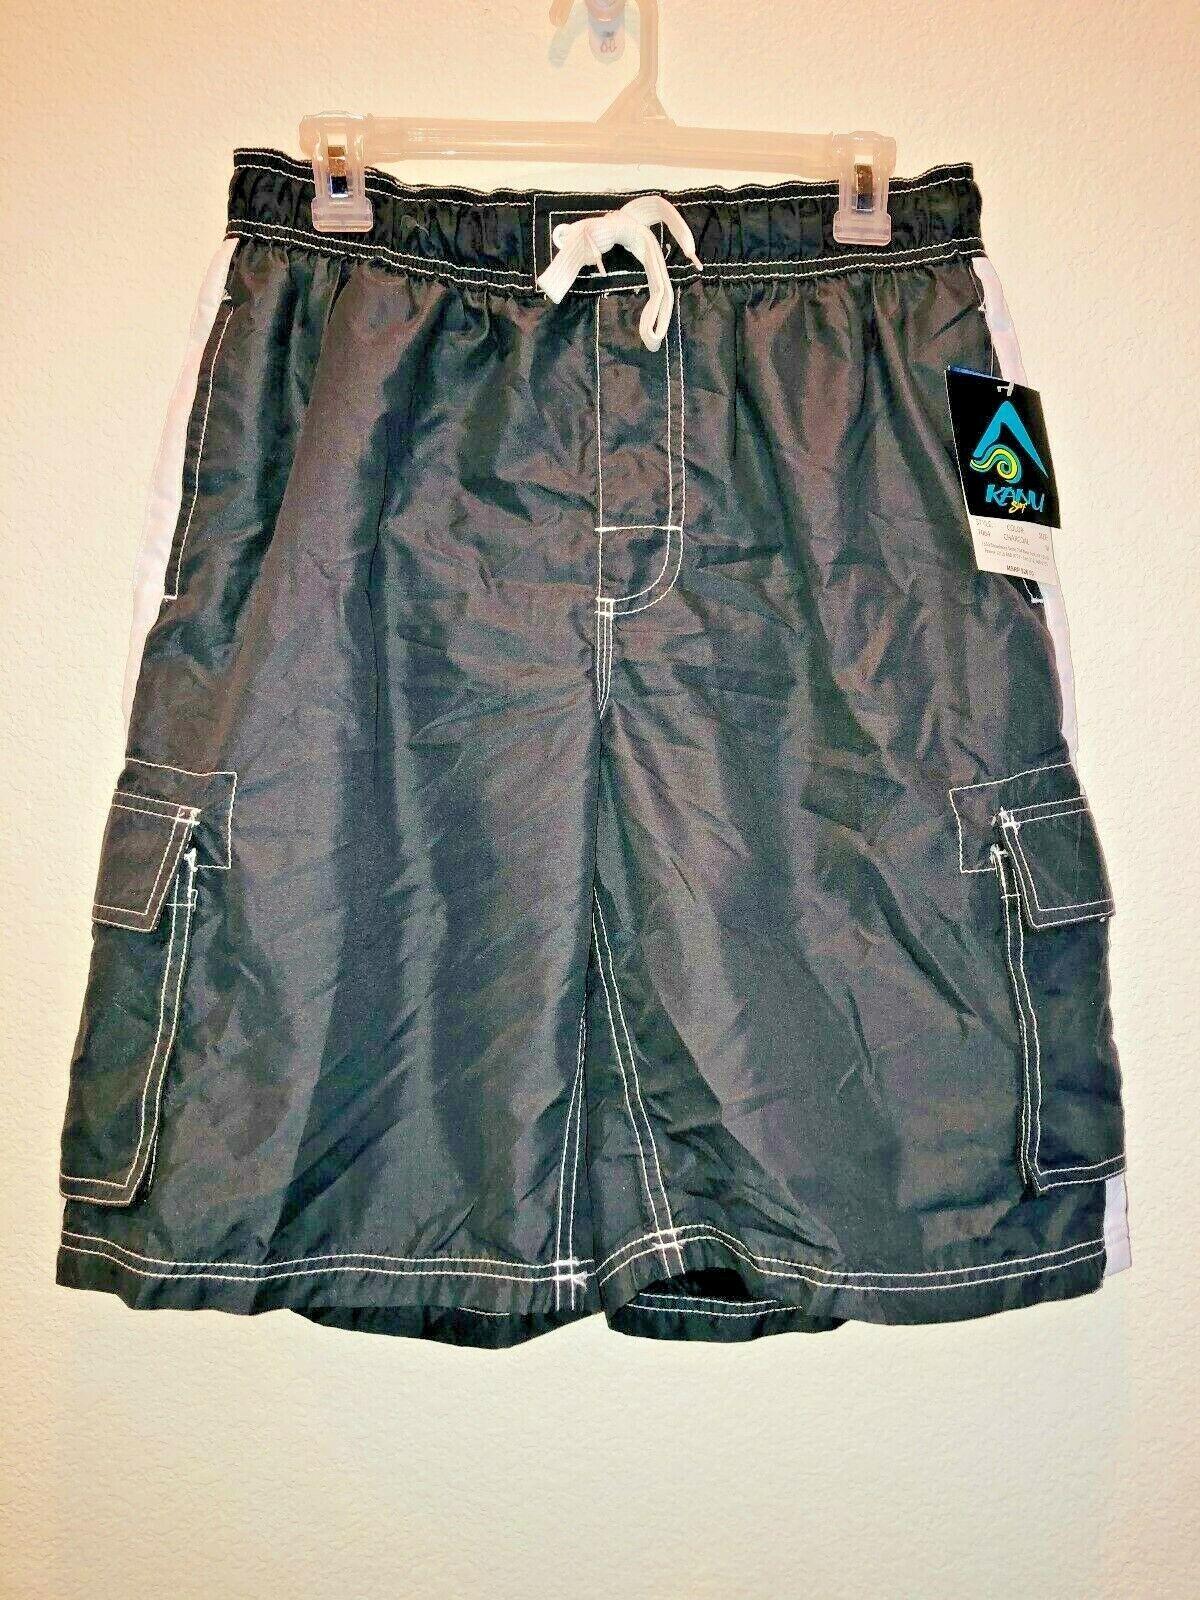 Mens Kanu Surf Board Shorts - Size M - Charcoal Grey - UPF P